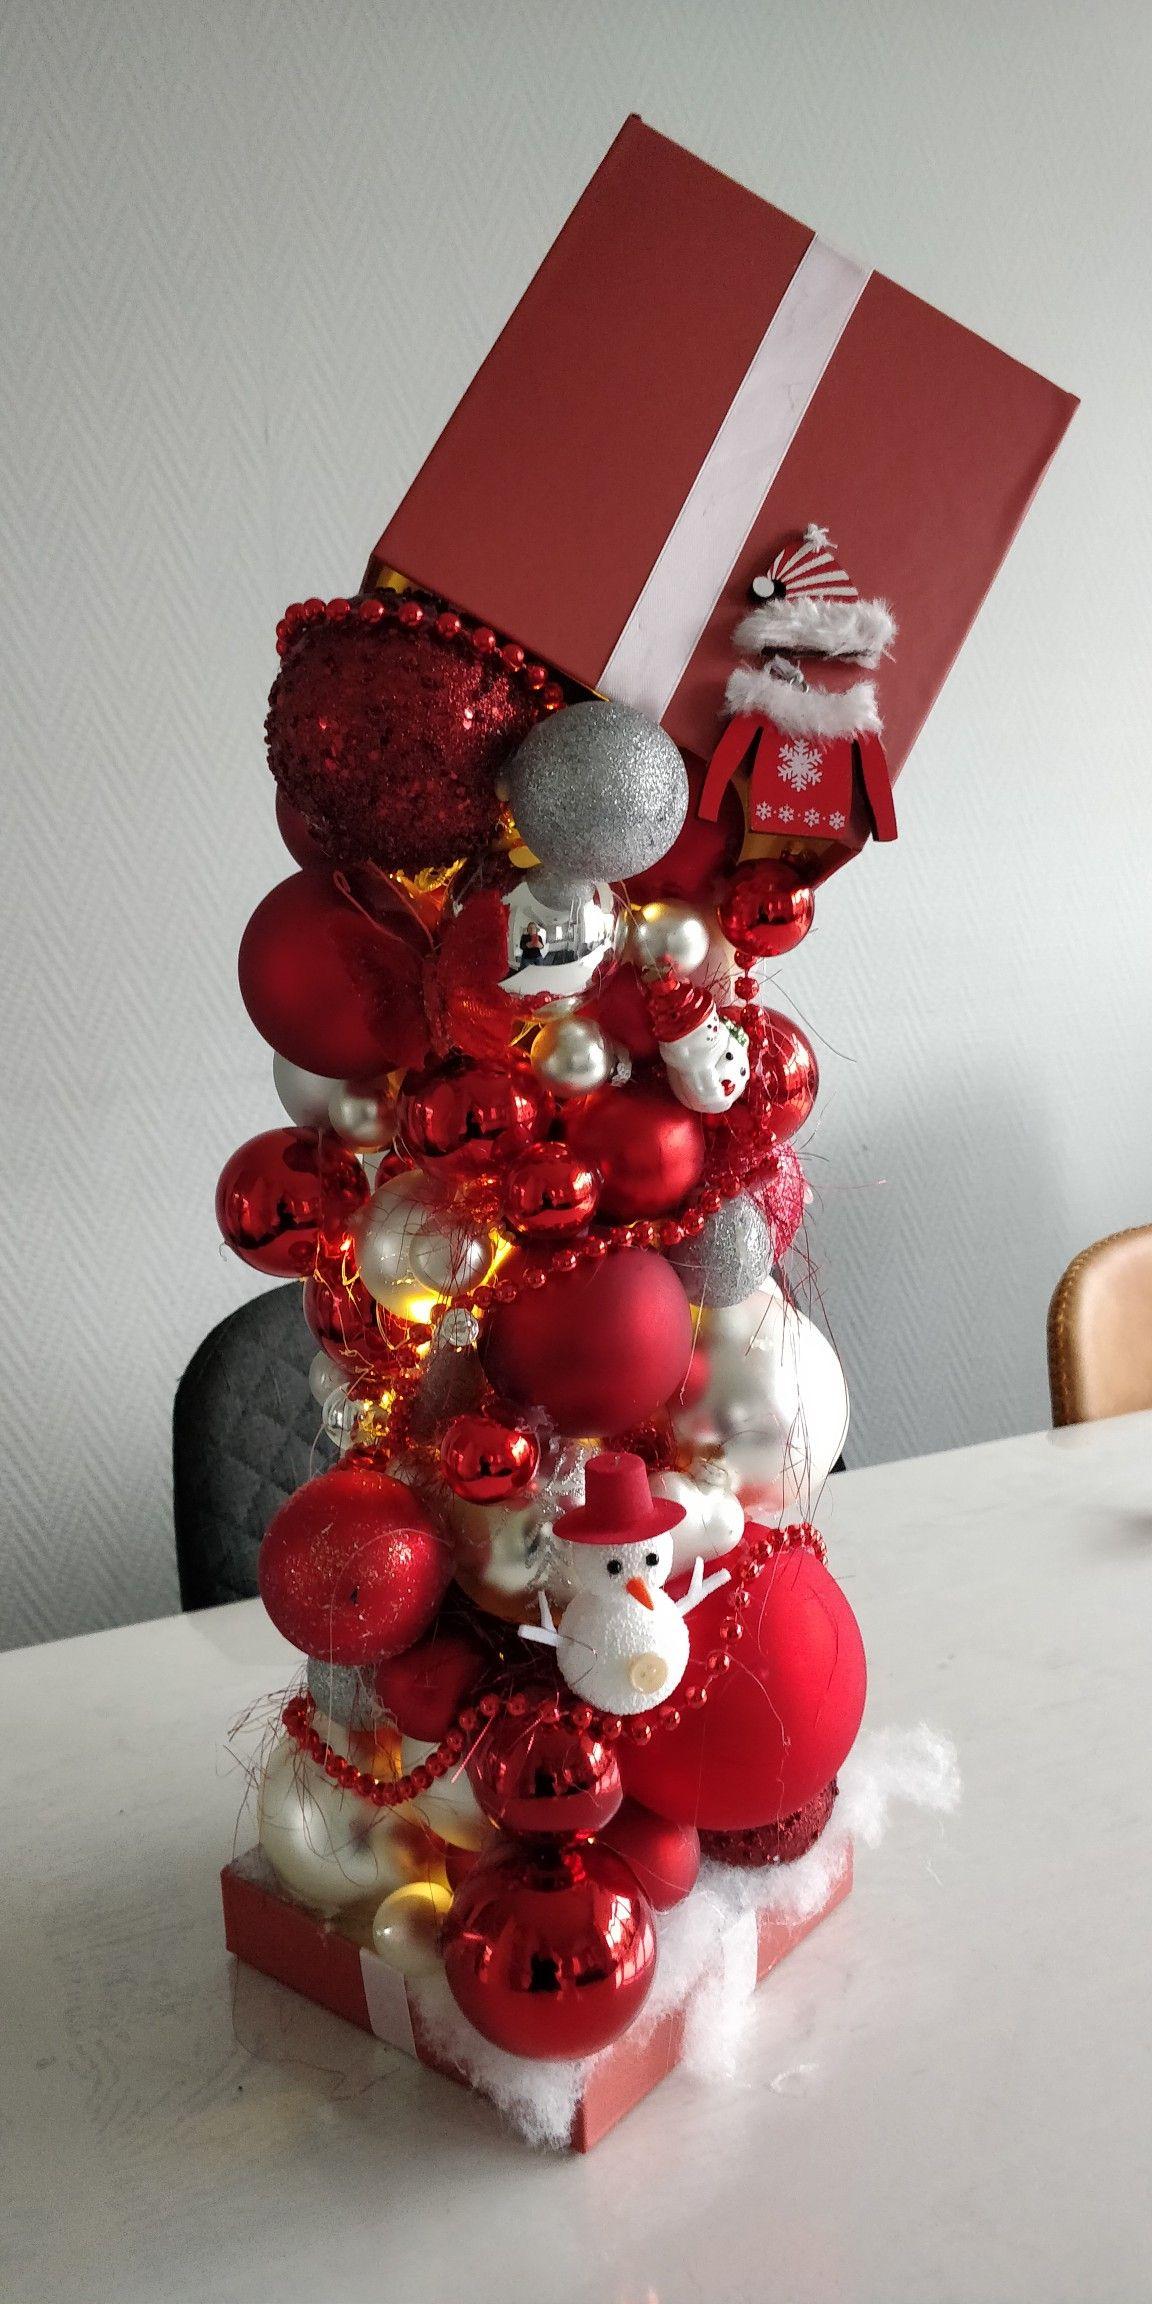 Kerstballen Vallen Uit De Doos Doos Decoratie Kerstballen Kerst